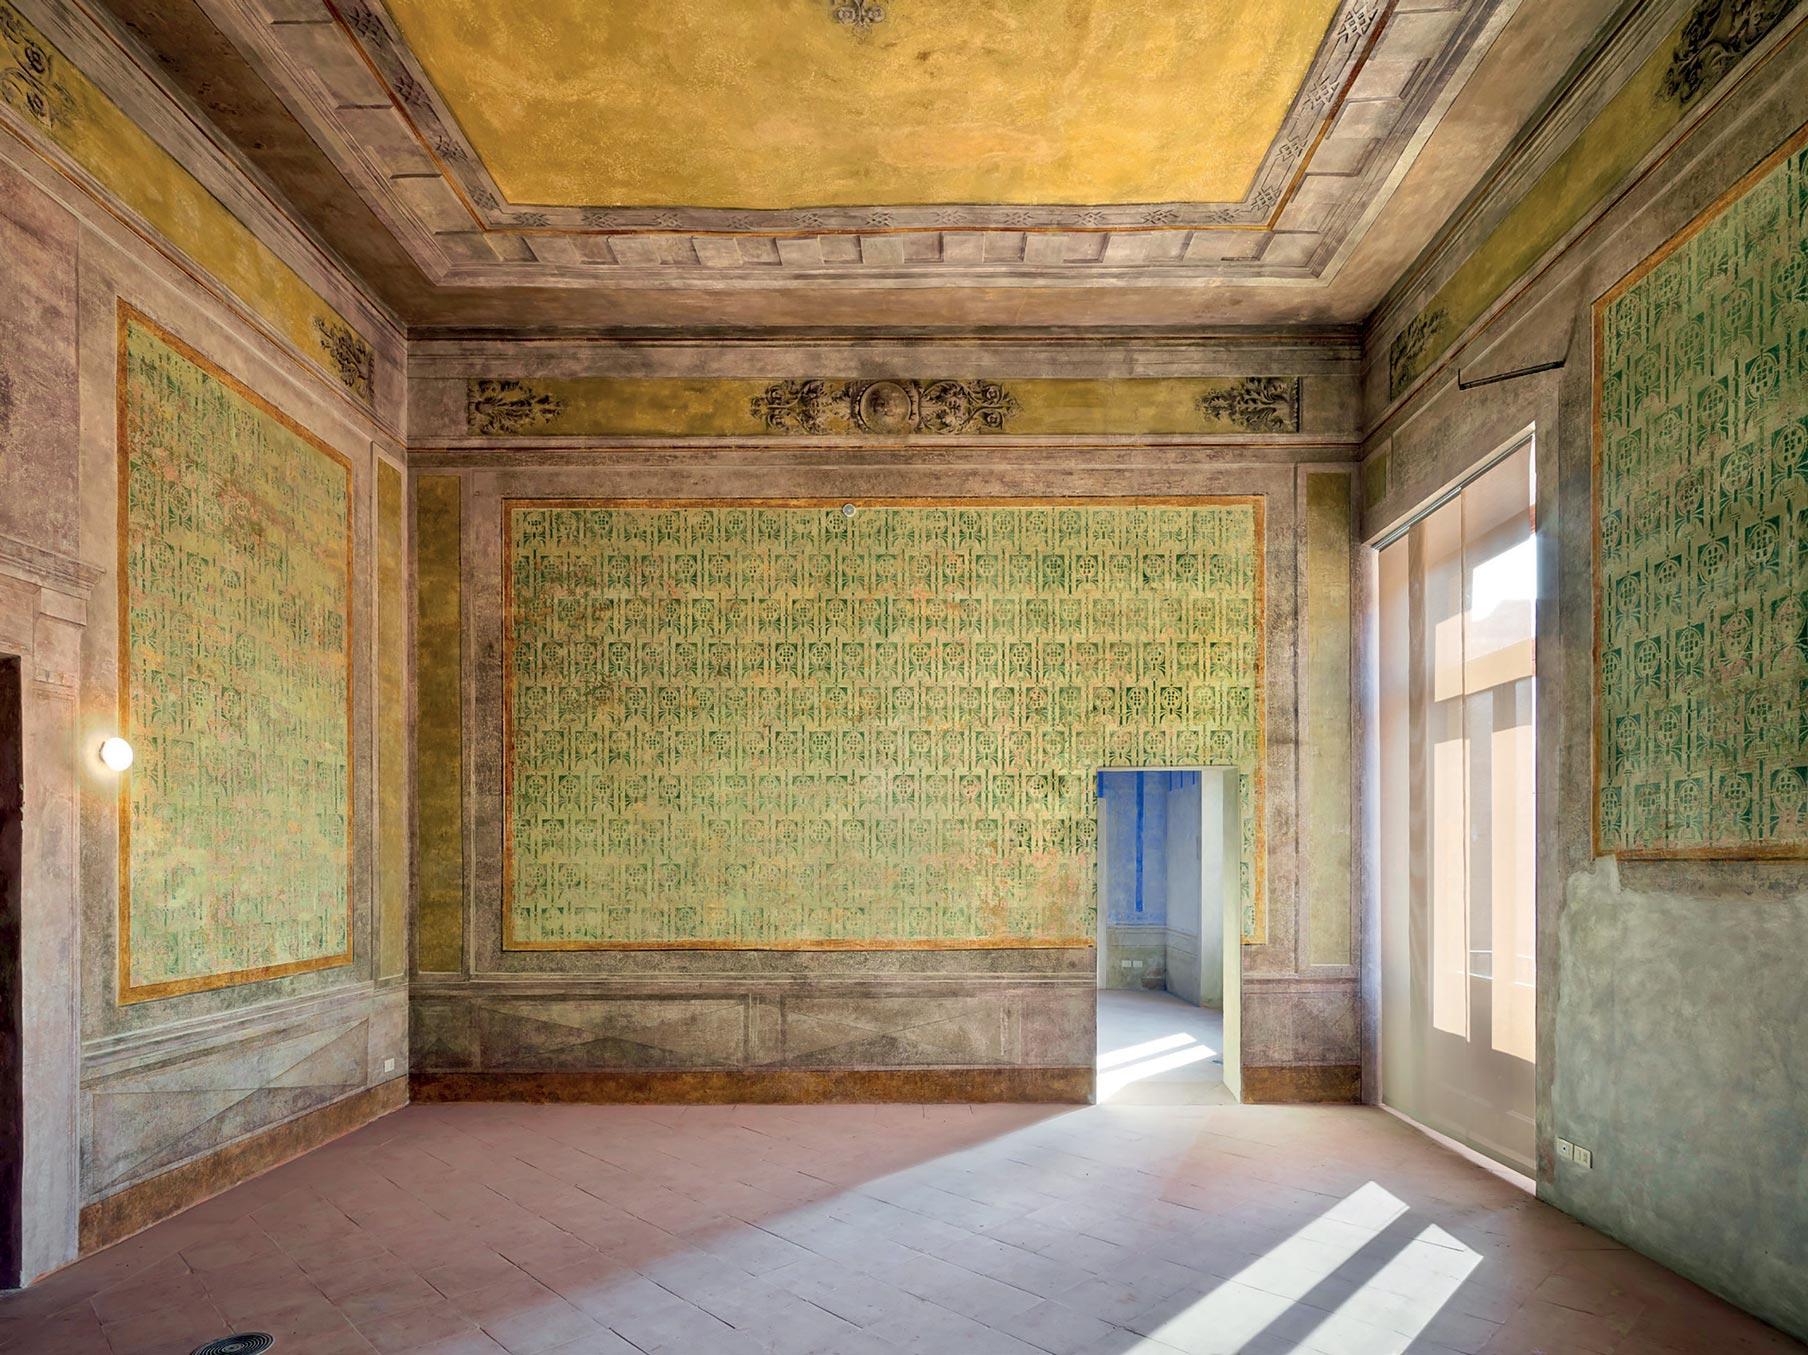 Veduta stanza palazzo ducale Guastalla